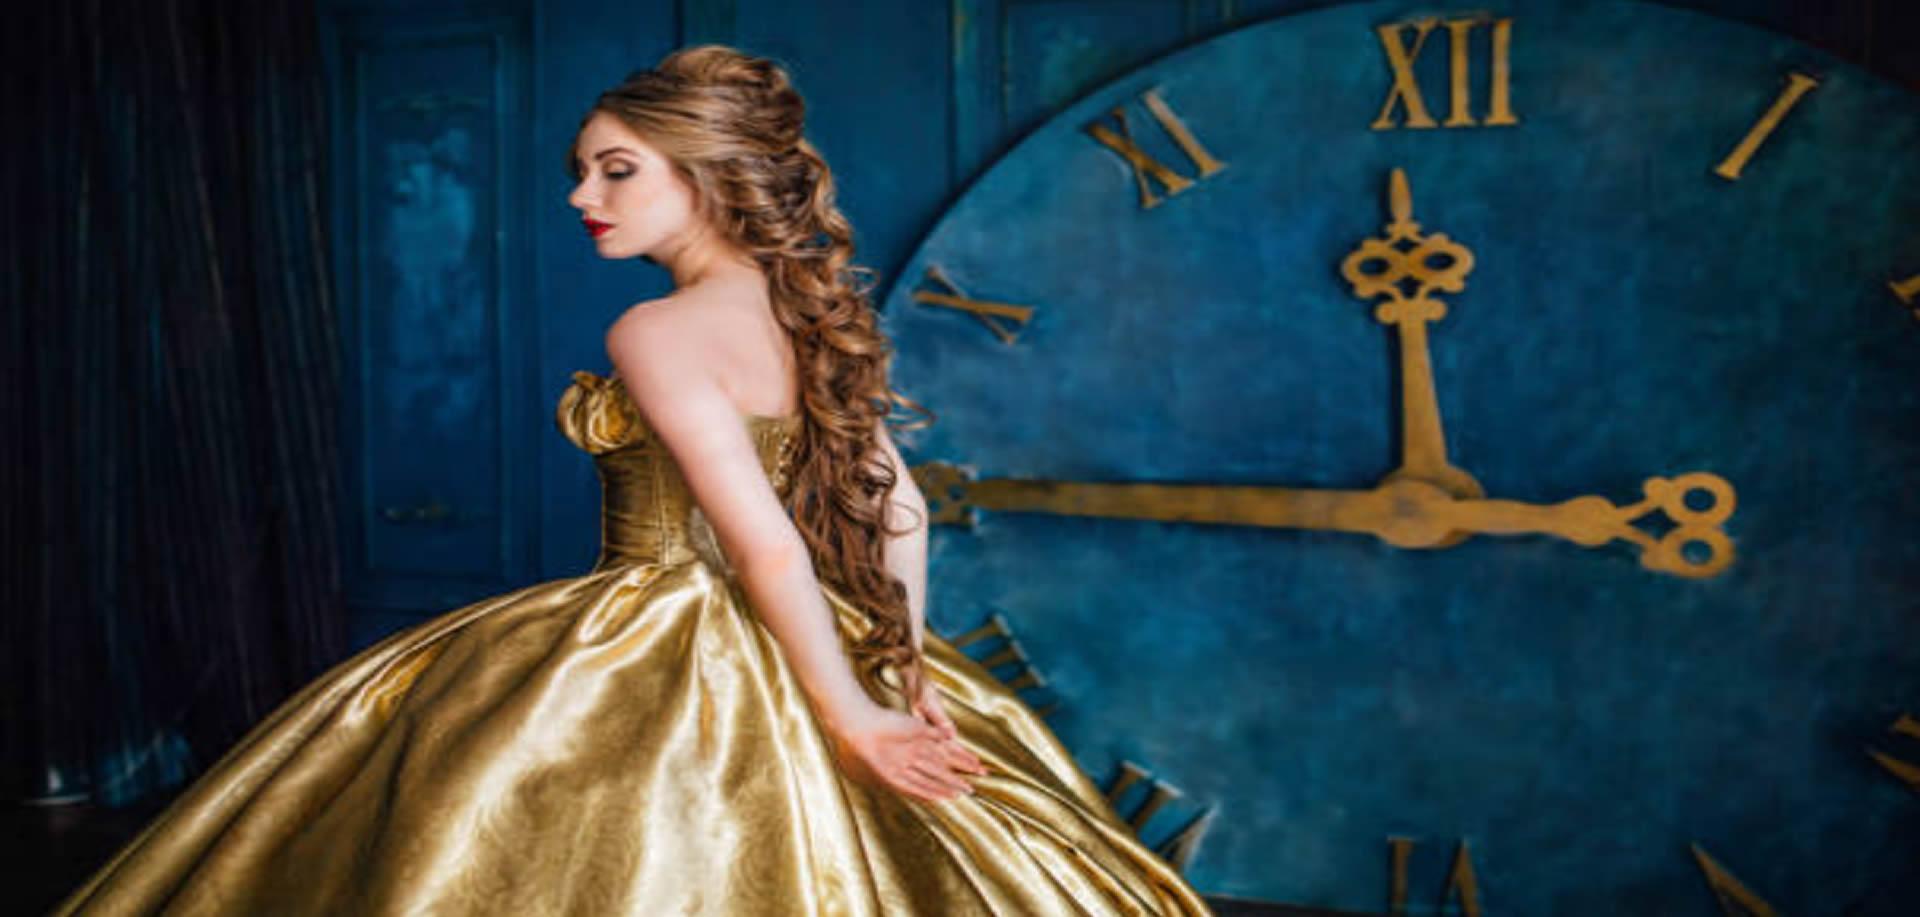 imagen principal de princesas